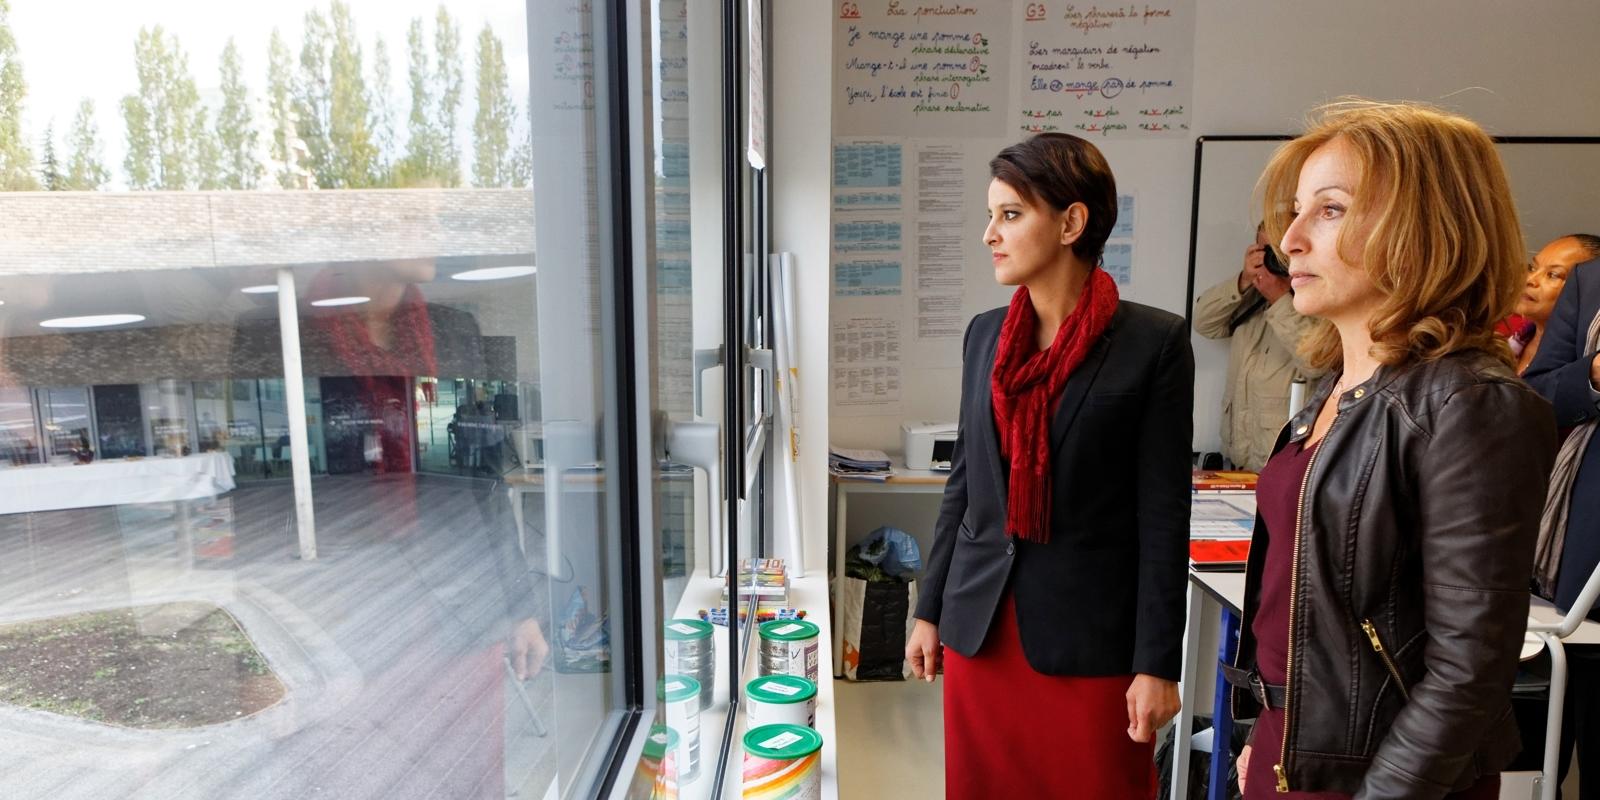 Commissariat De Clichy Sous Bois - Inauguration de l u2019école Claude Dilainà Clichy sous Bois, Seine Saint Denis Najat Vallaud Belkacem